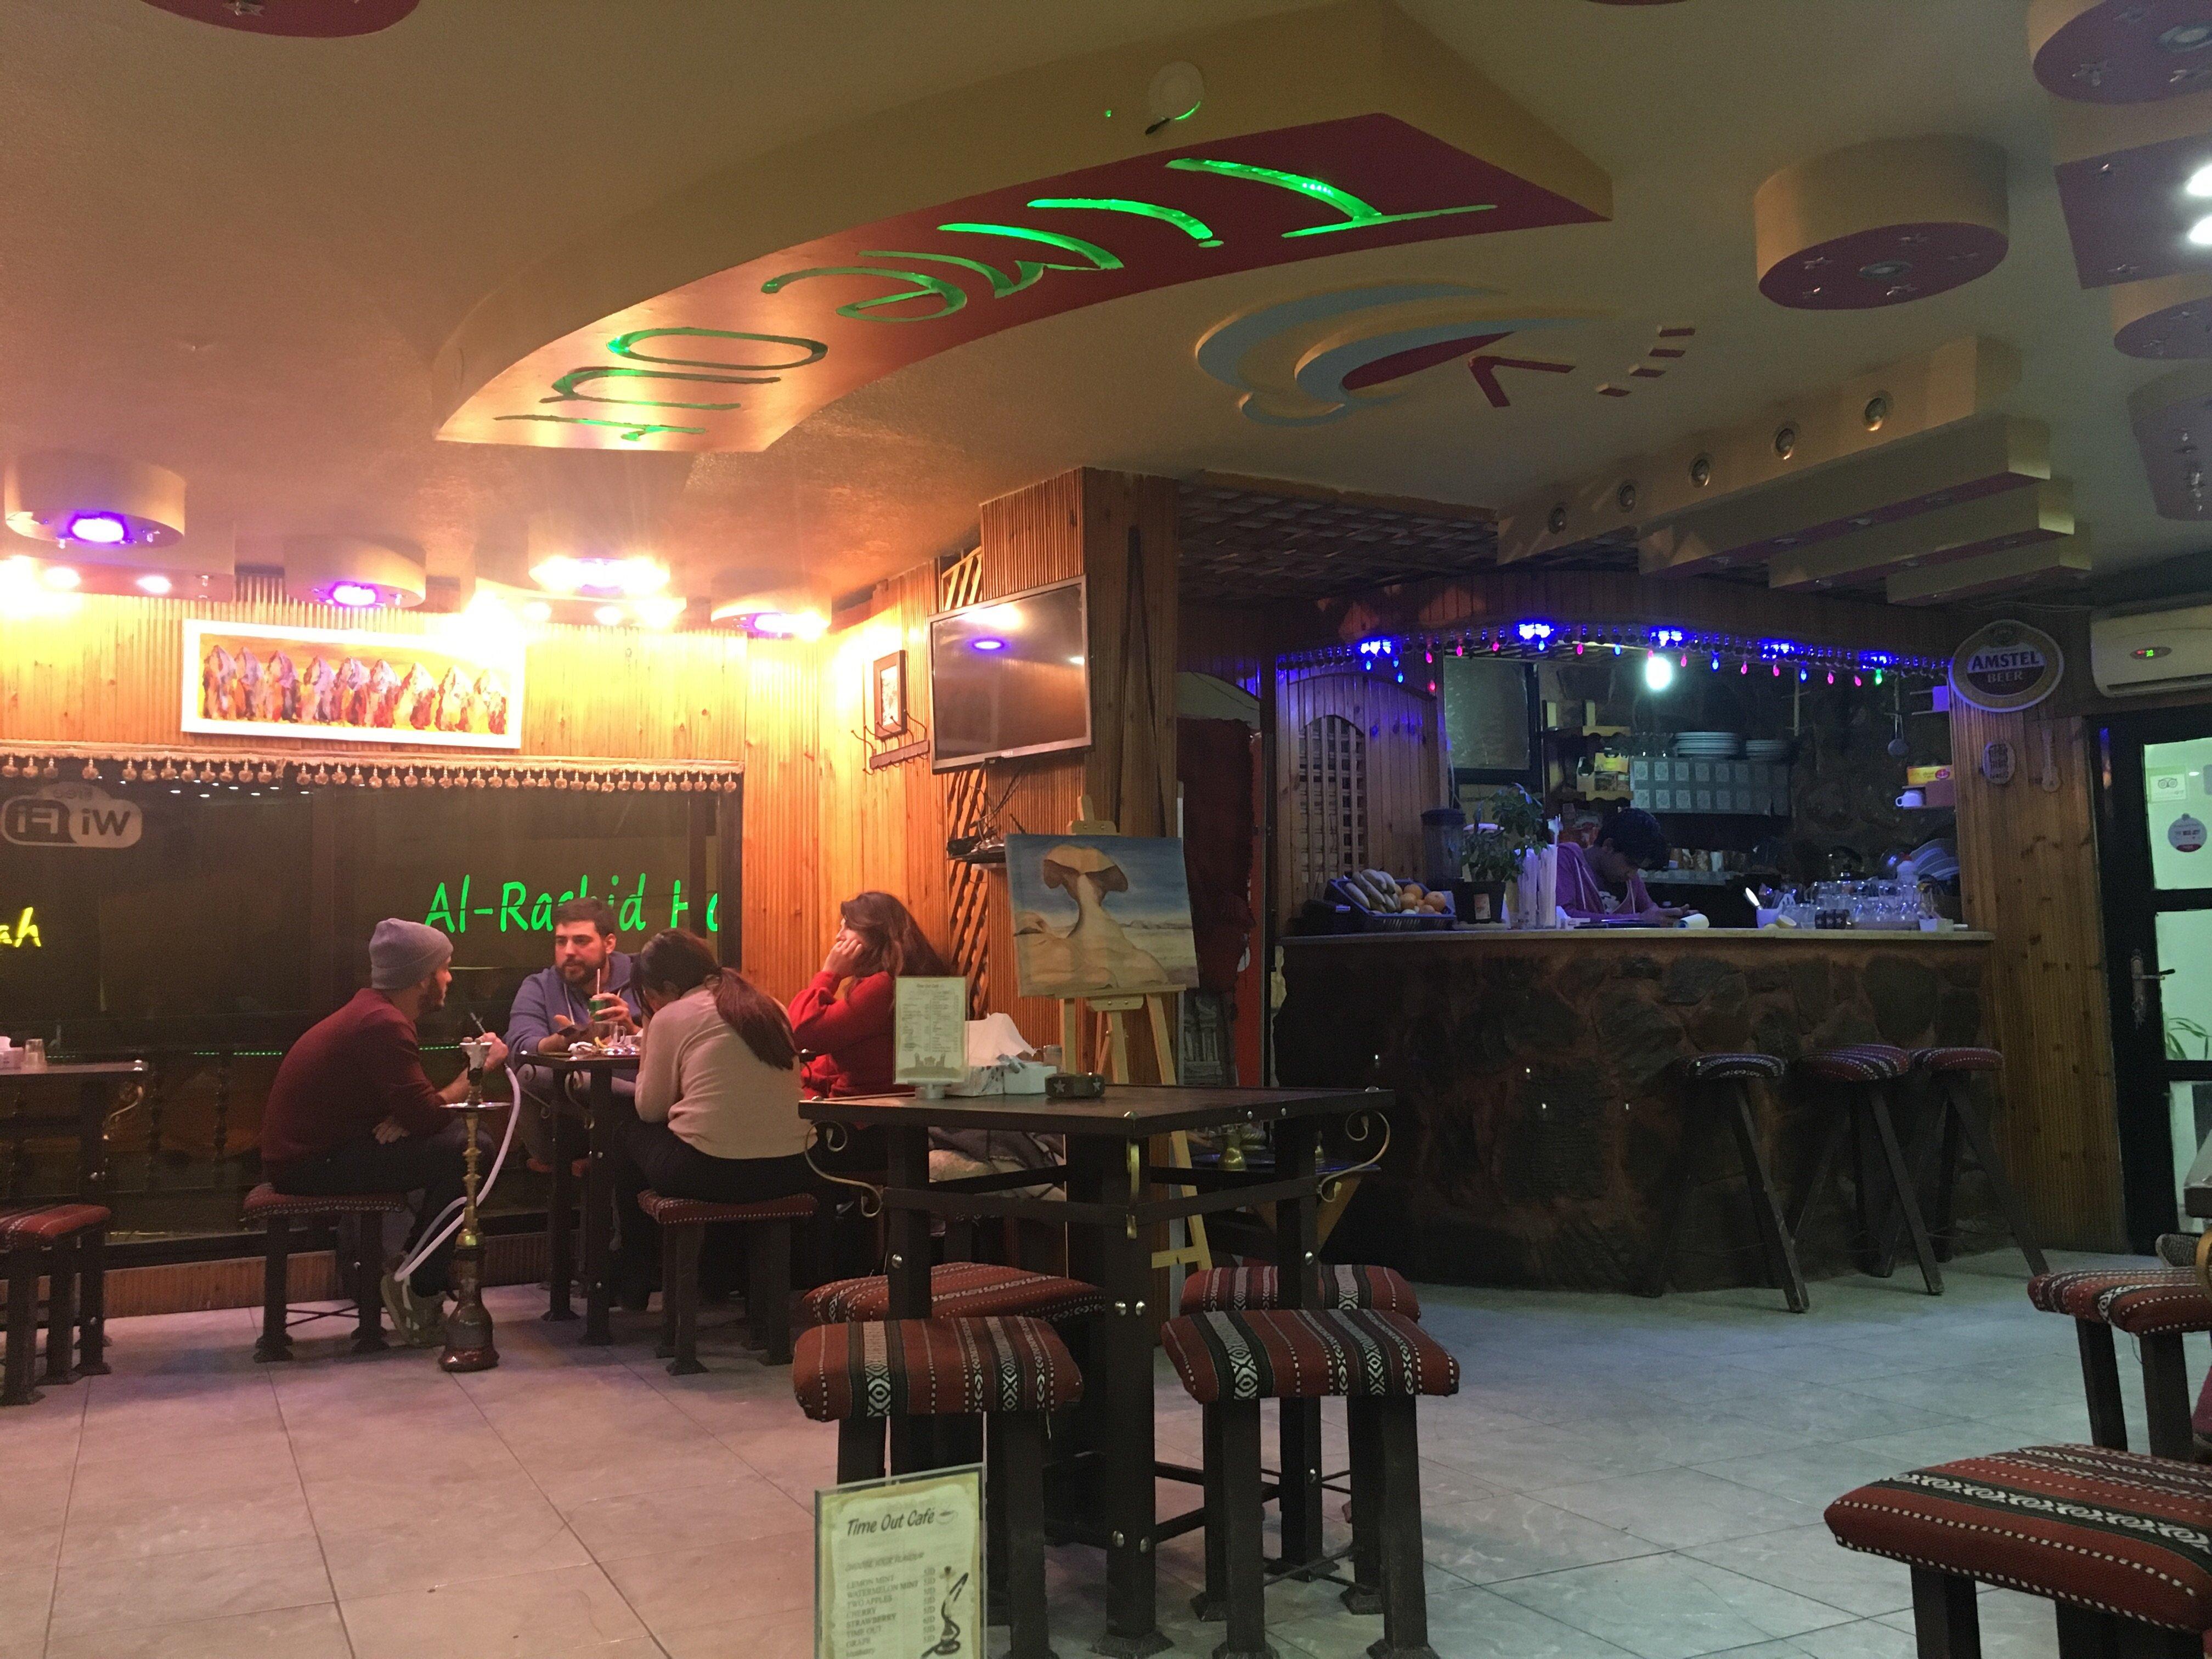 Best Bar food near Petra - Wadi Musa, Ma'an Governorate, Jordan